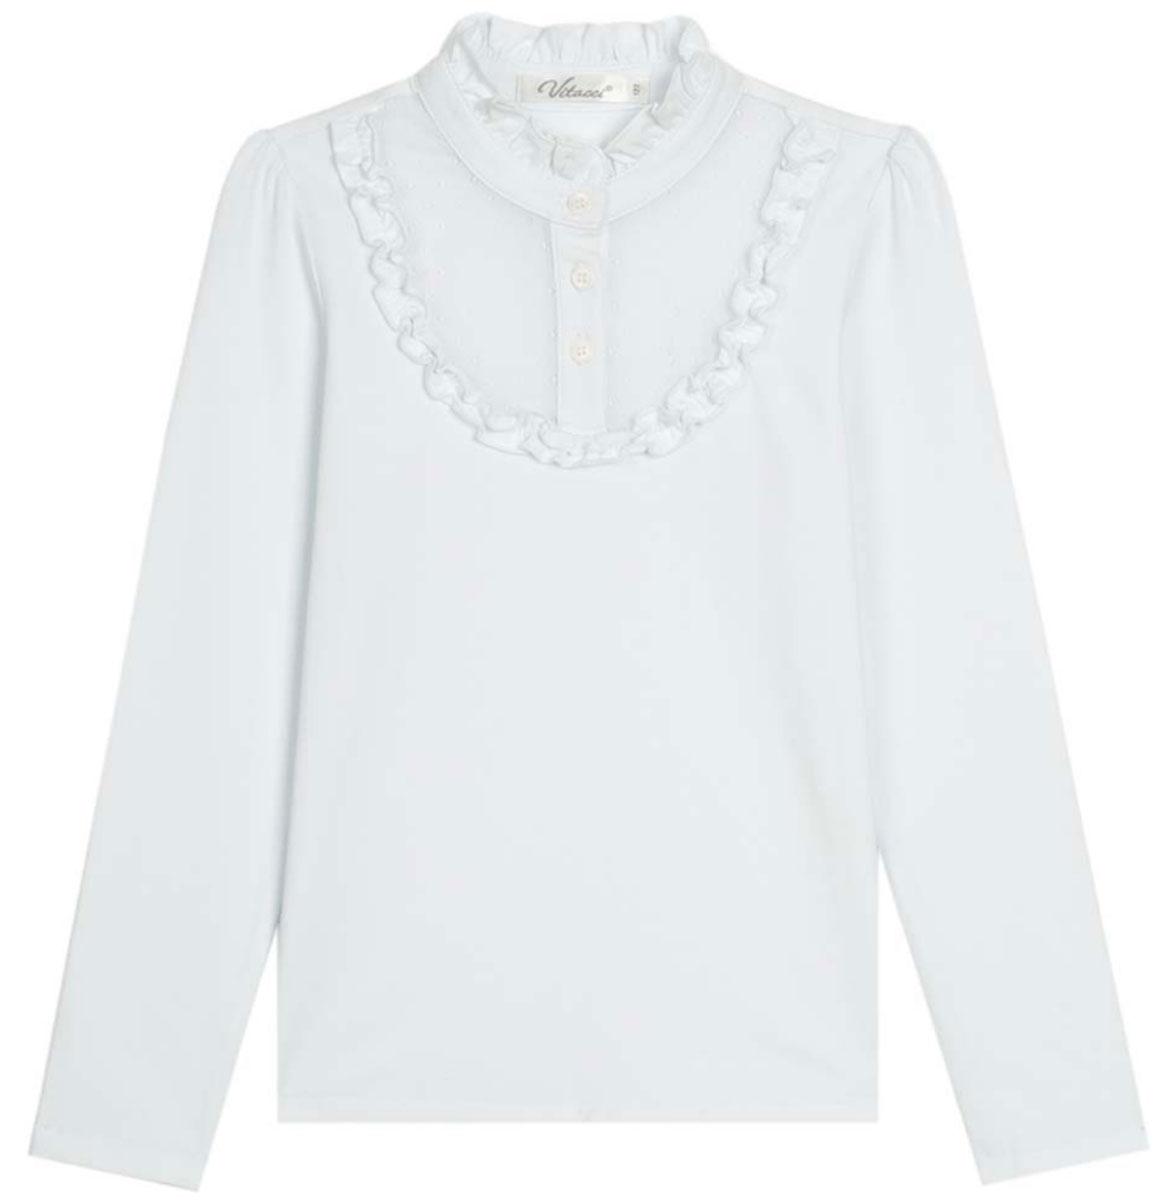 Джемпер для девочек Vitacci, цвет: белый. 2173000-01. Размер 1222173000-01Школьная блузка для девочки из трикотажа